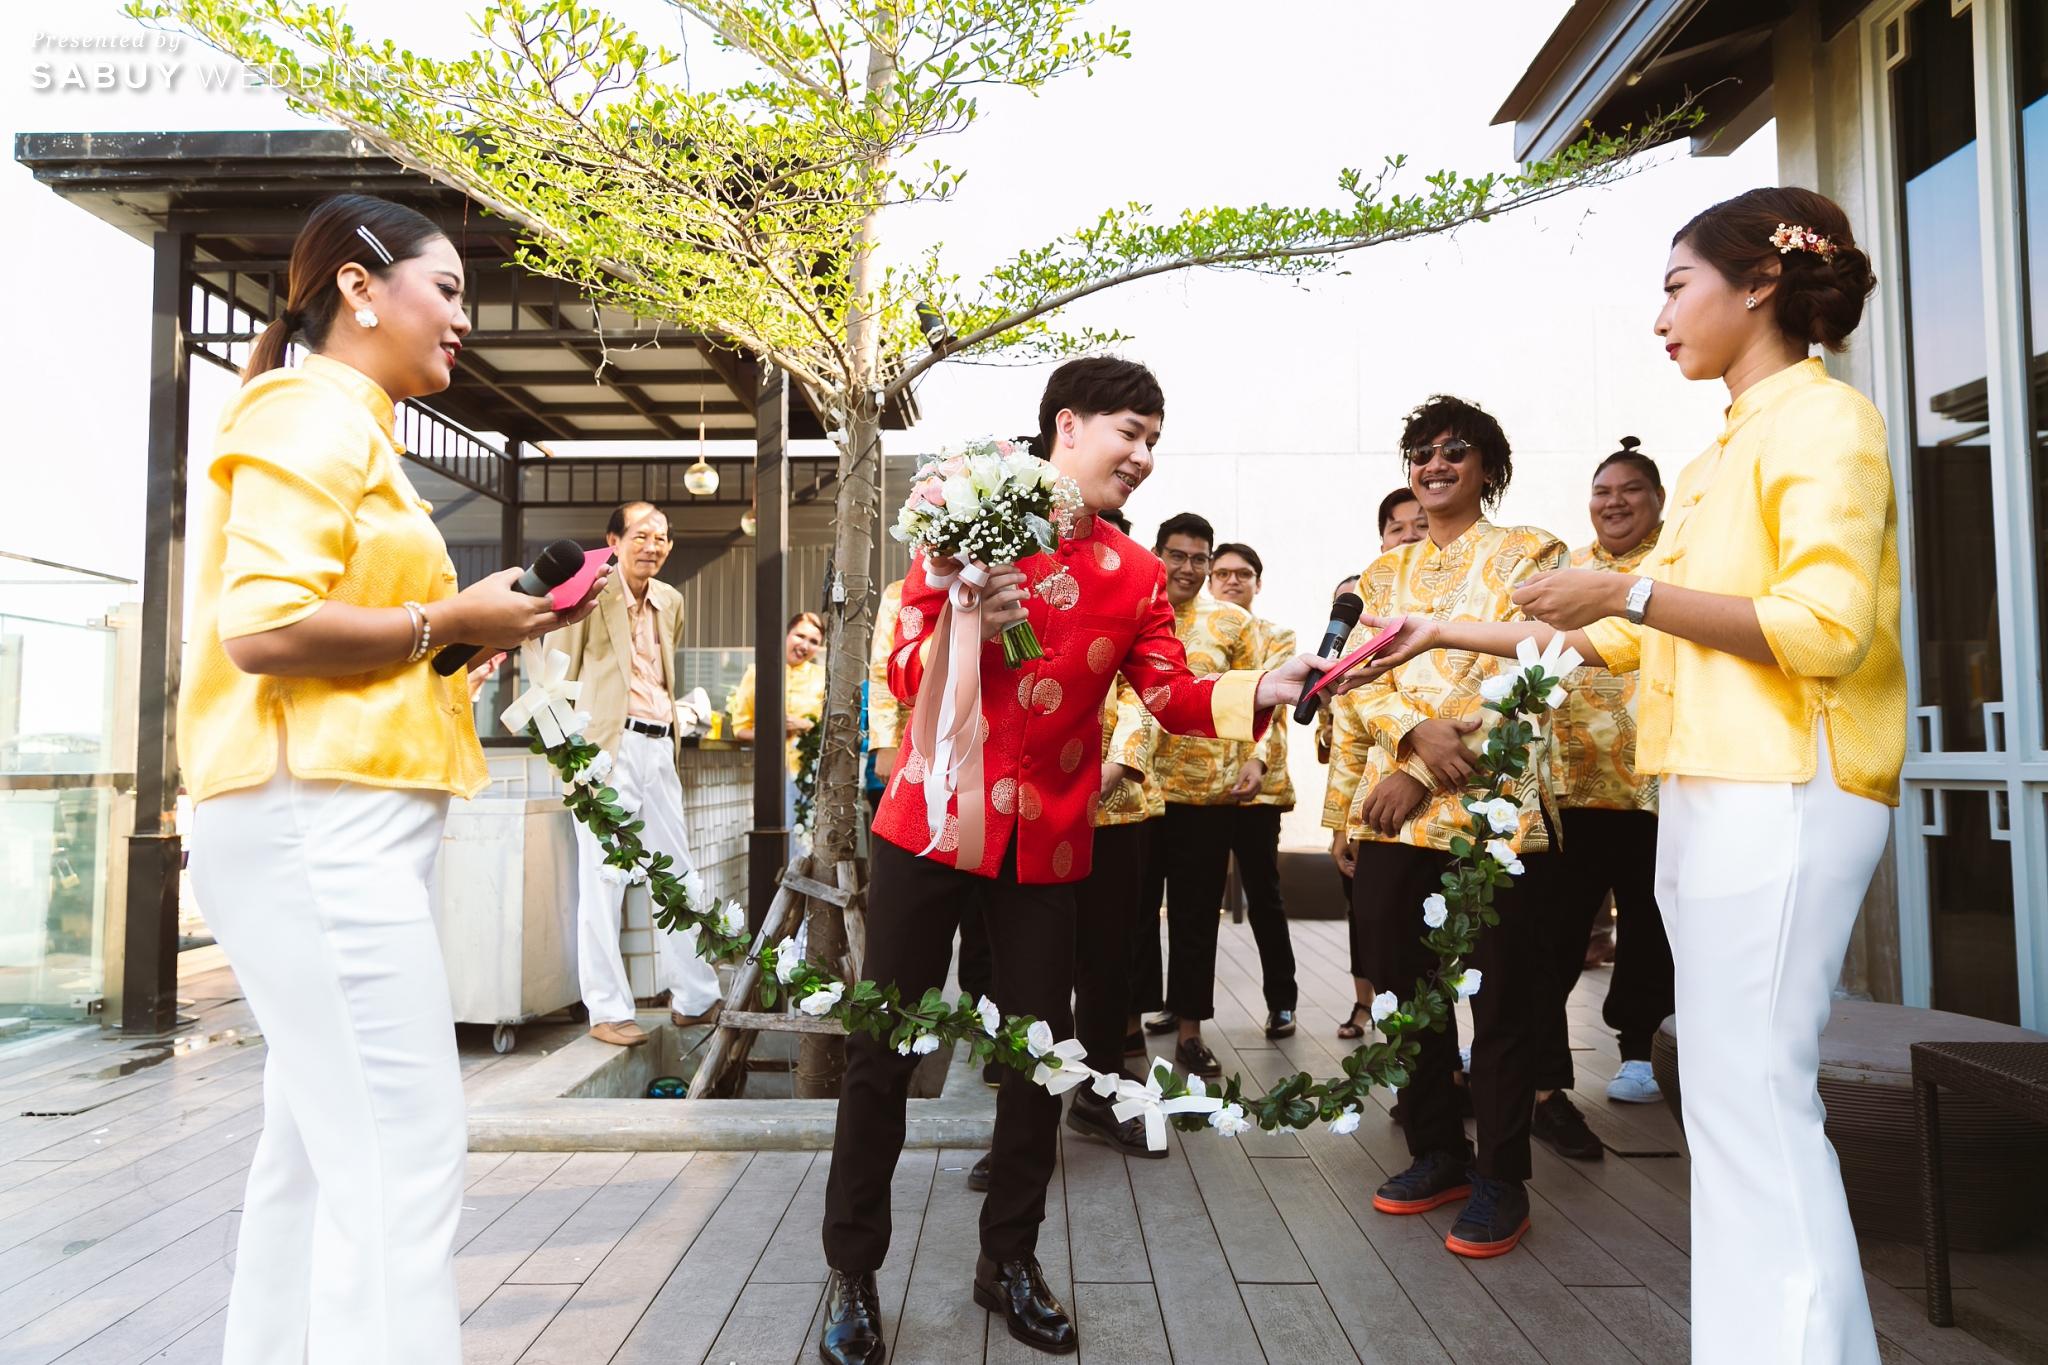 รีวิวงานแต่งเรียบง่าย สไตล์จีนร่วมสมัย @ Prime Hotel Central Station Bangkok